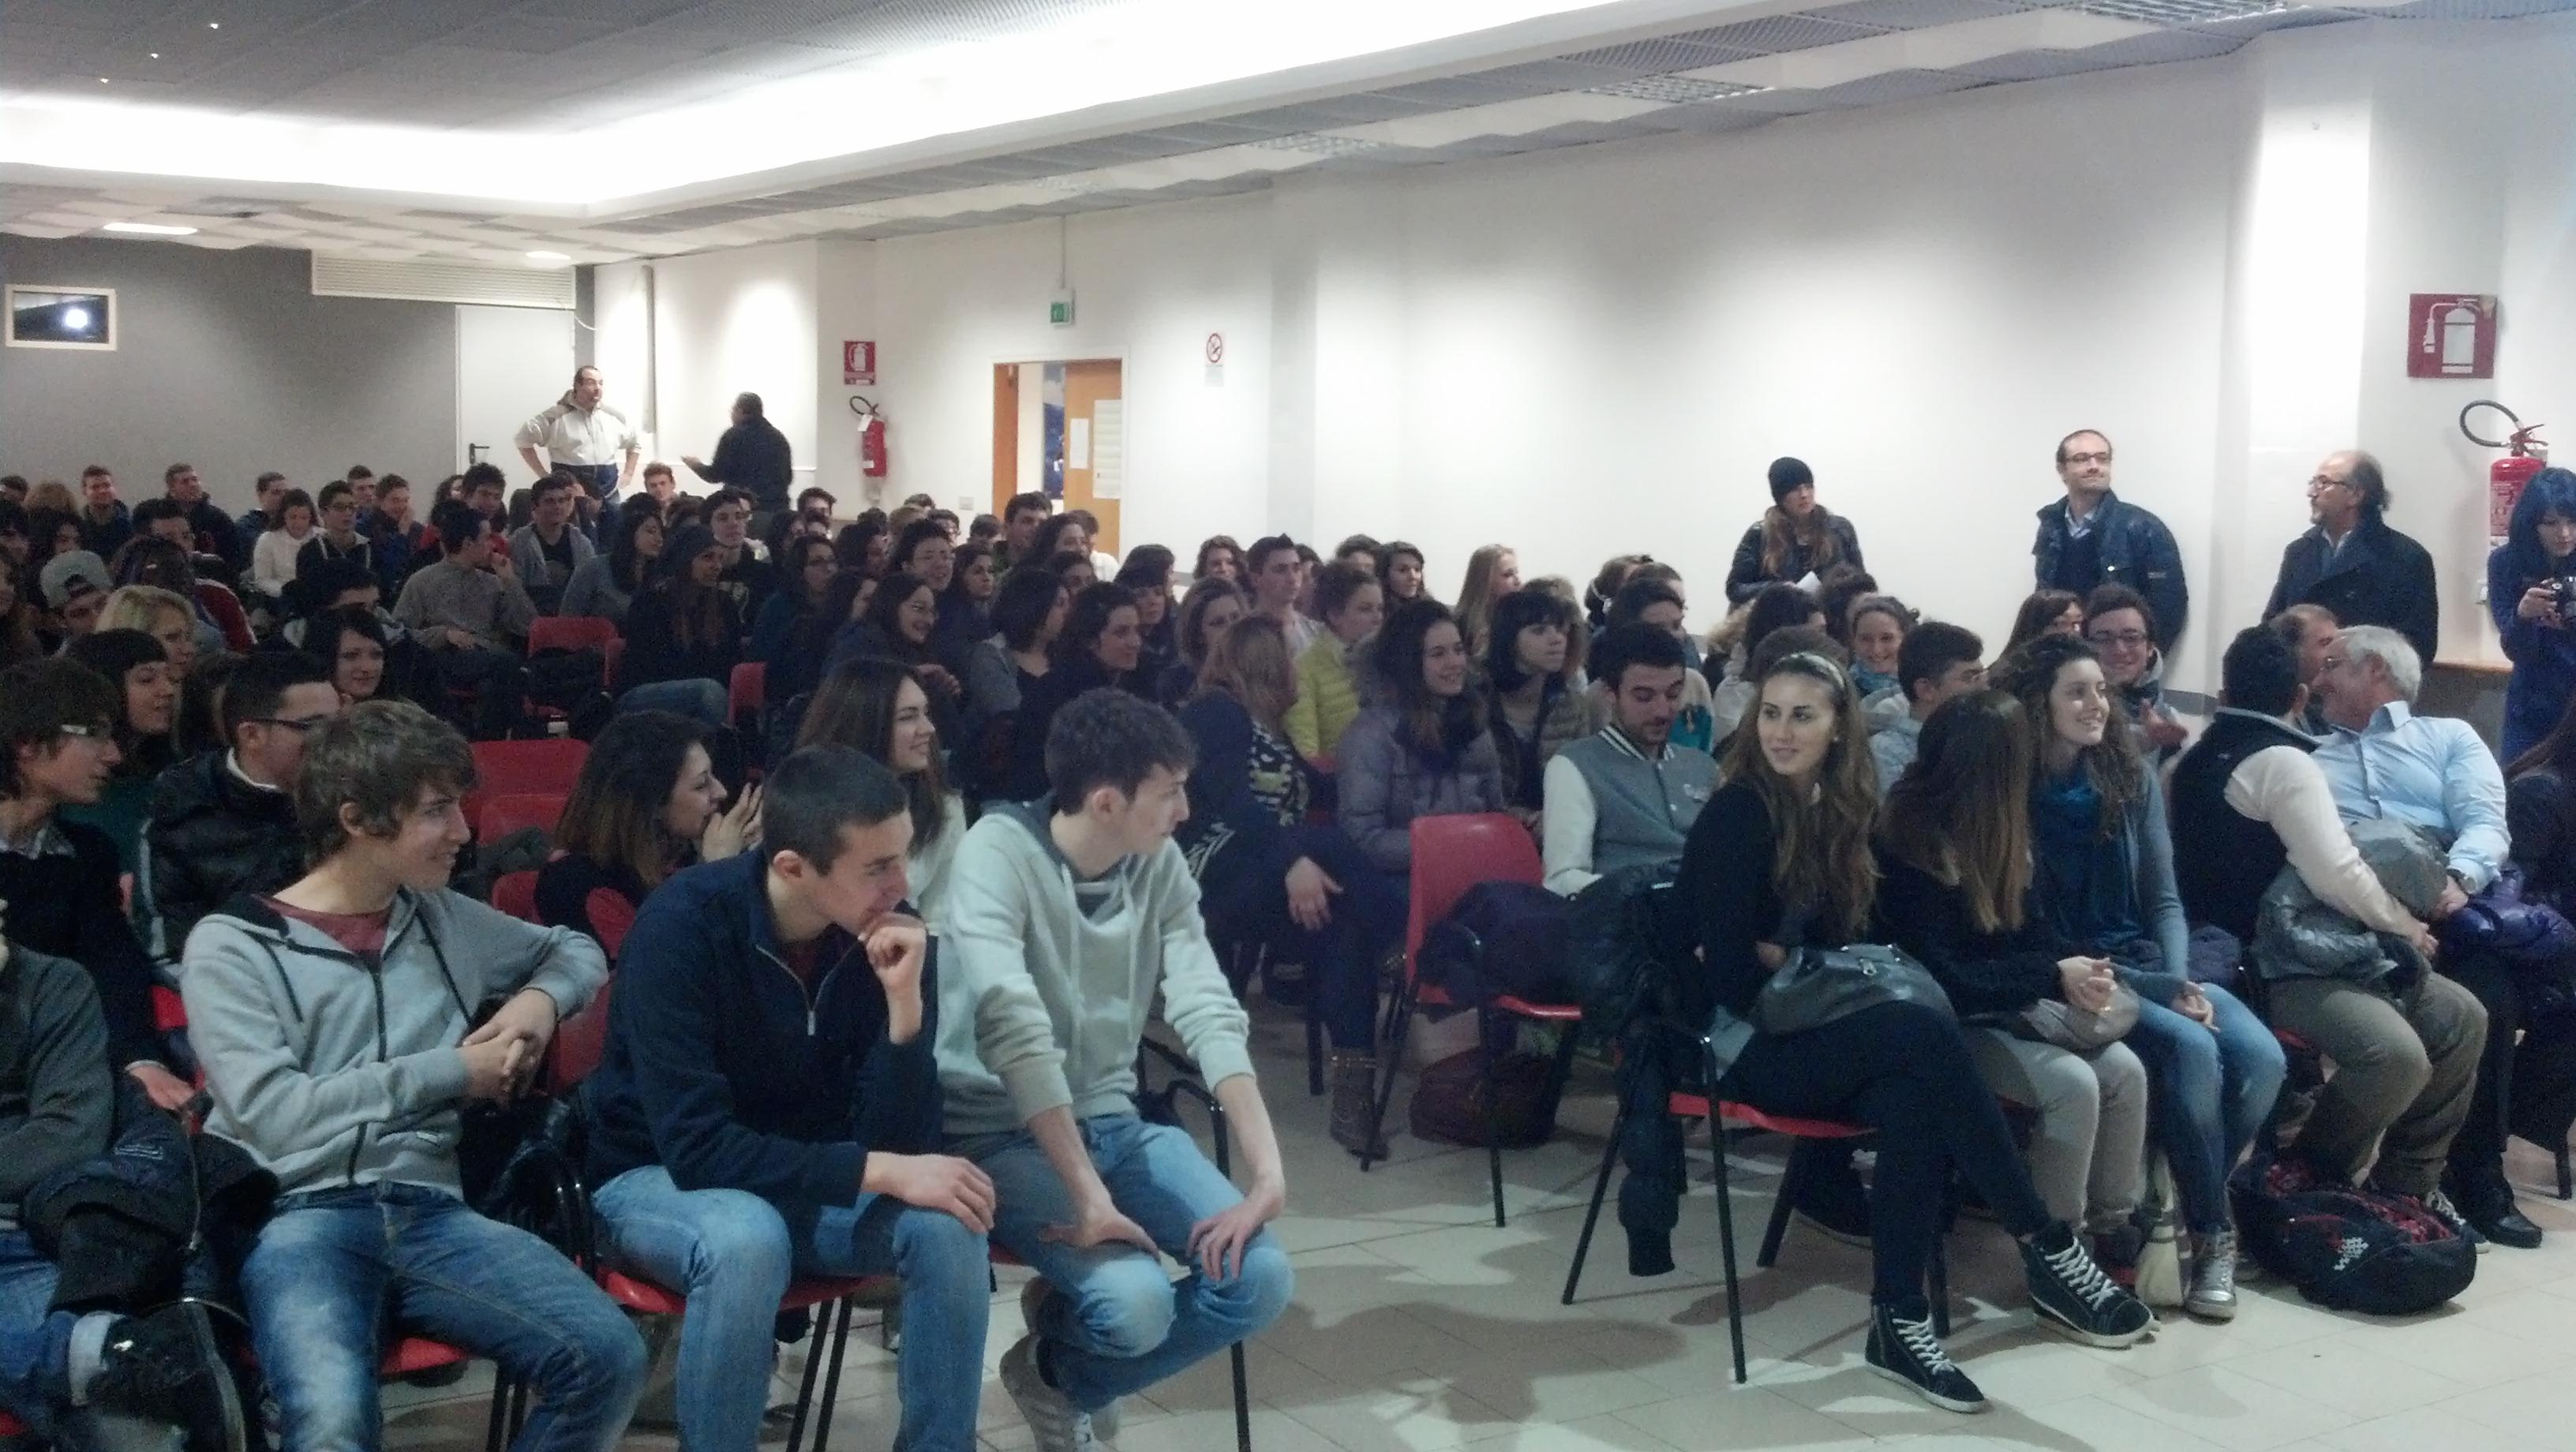 Tanti gli studenti presenti alla visione del film Il Rosso e il Blu alla Sala della parrocchia SS Simone e Giuda 2